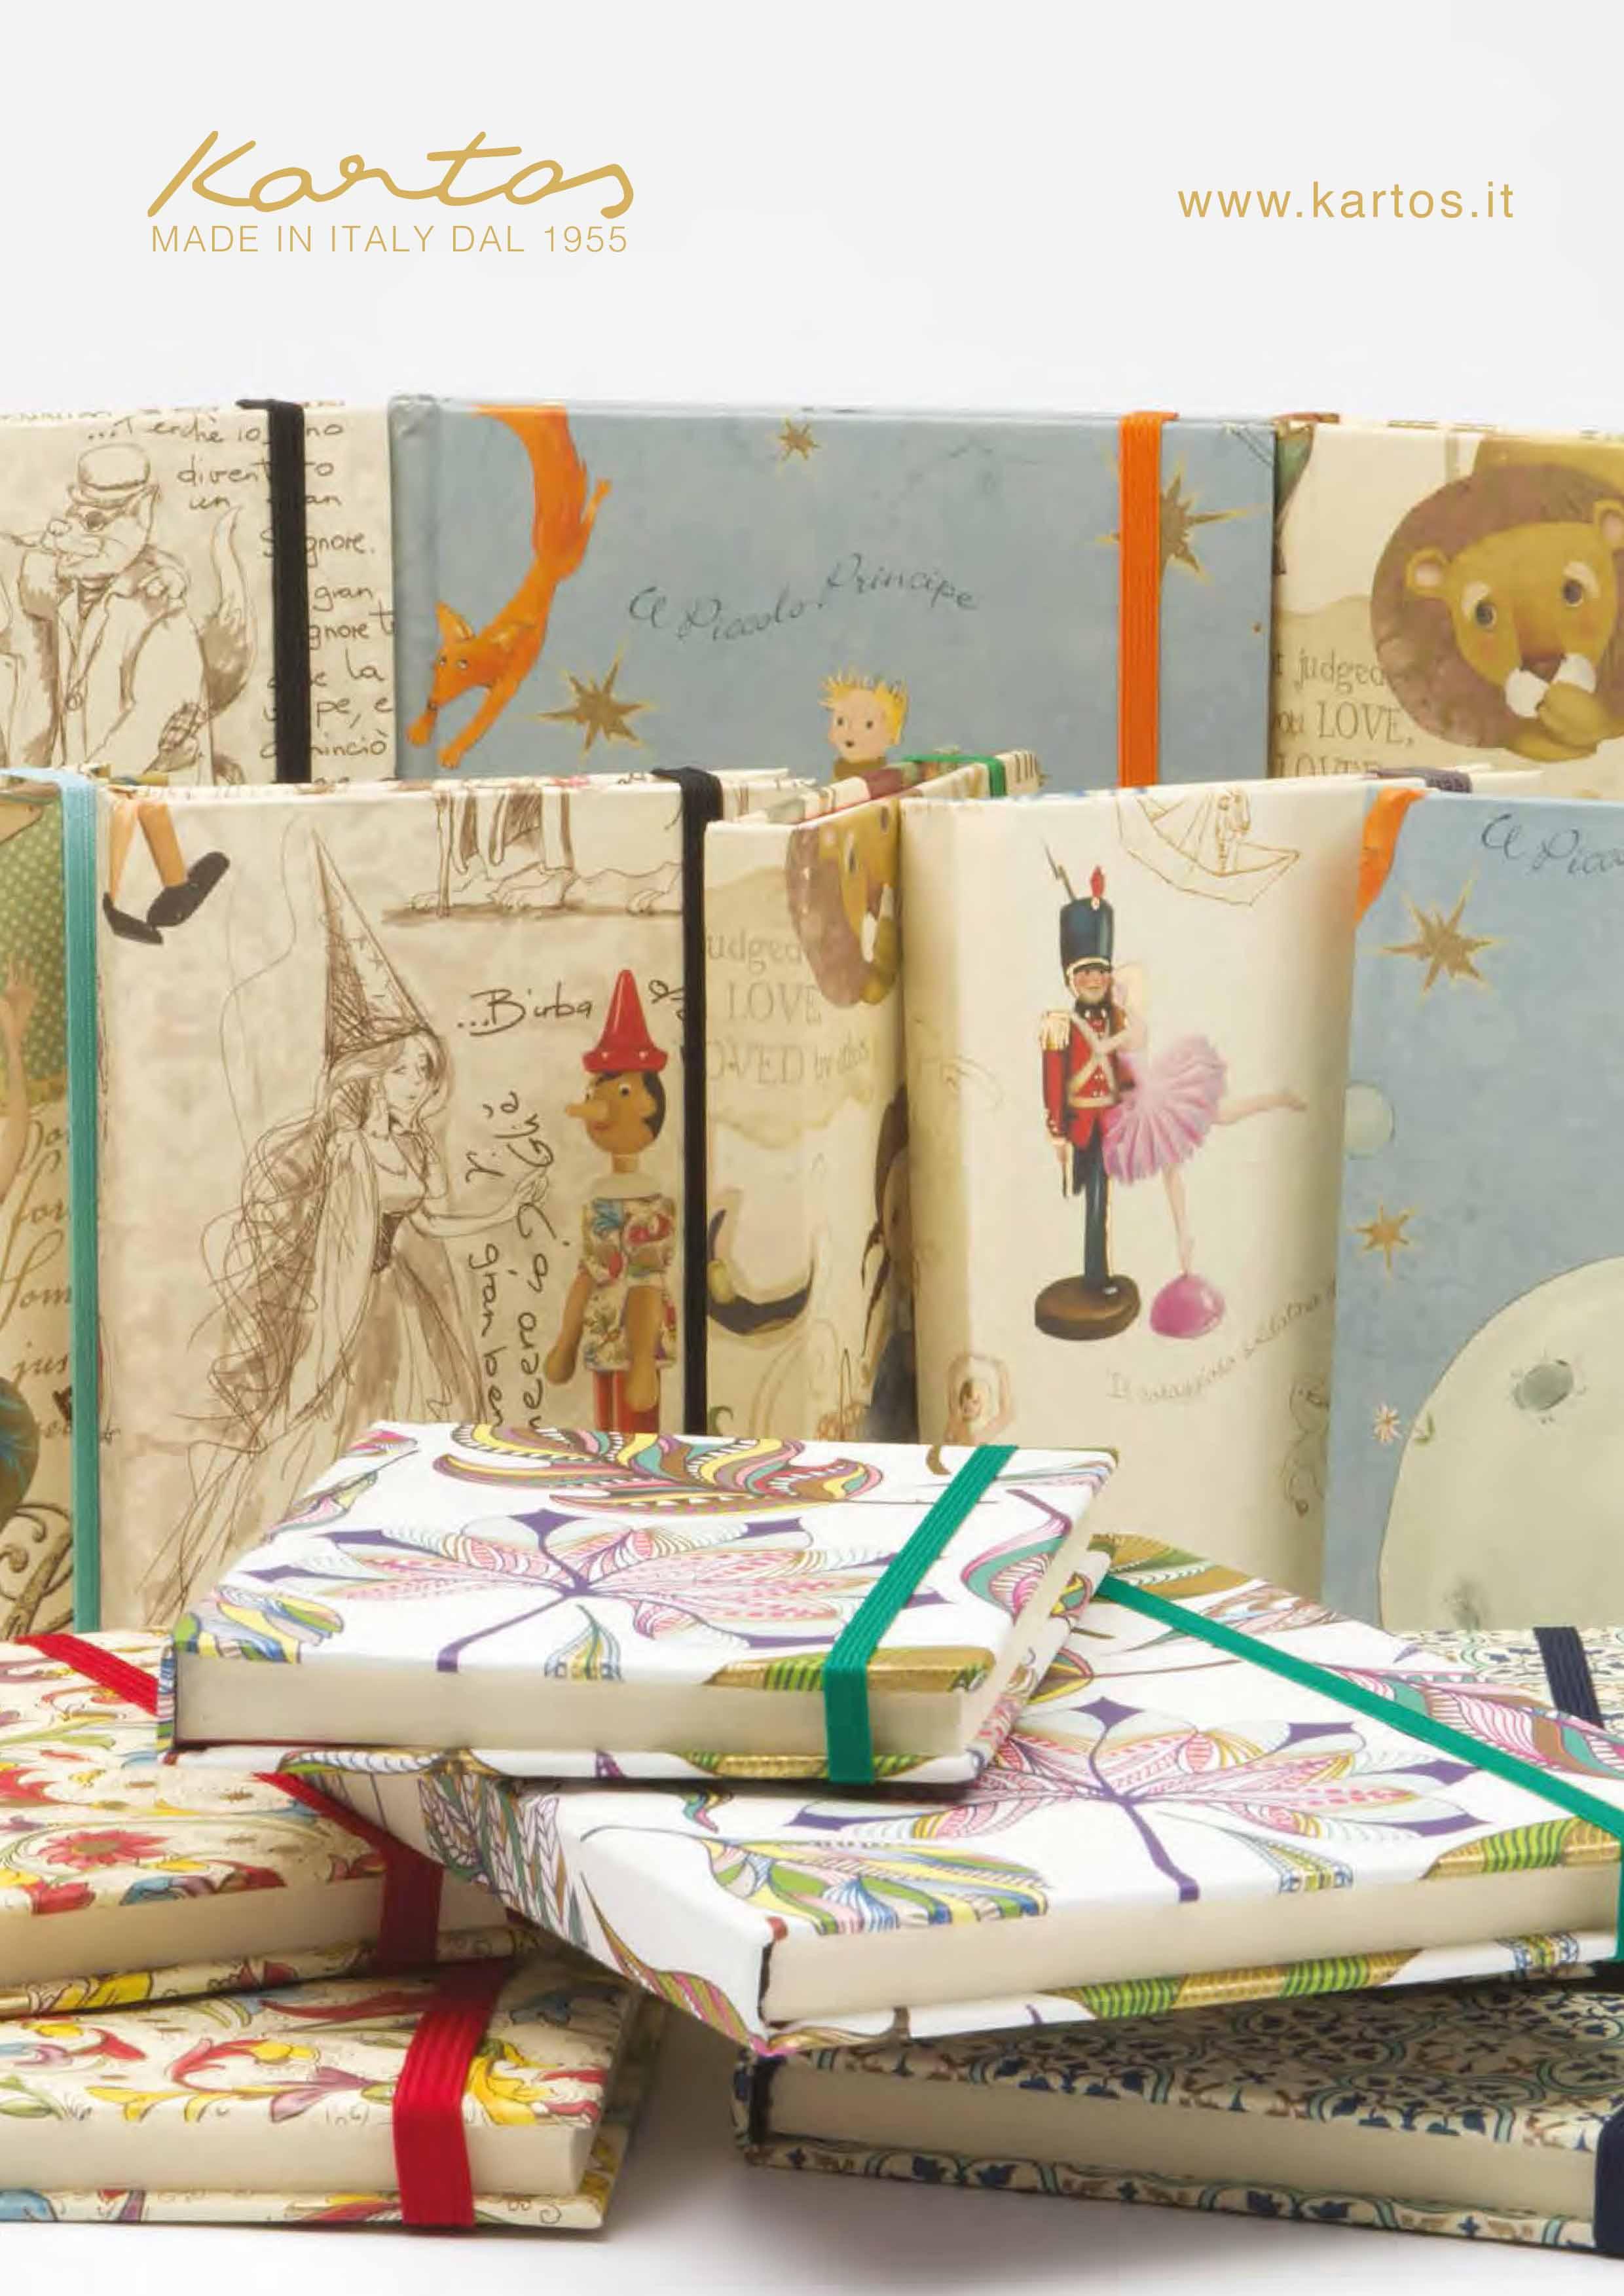 Zápisníky (tvrdé desky)